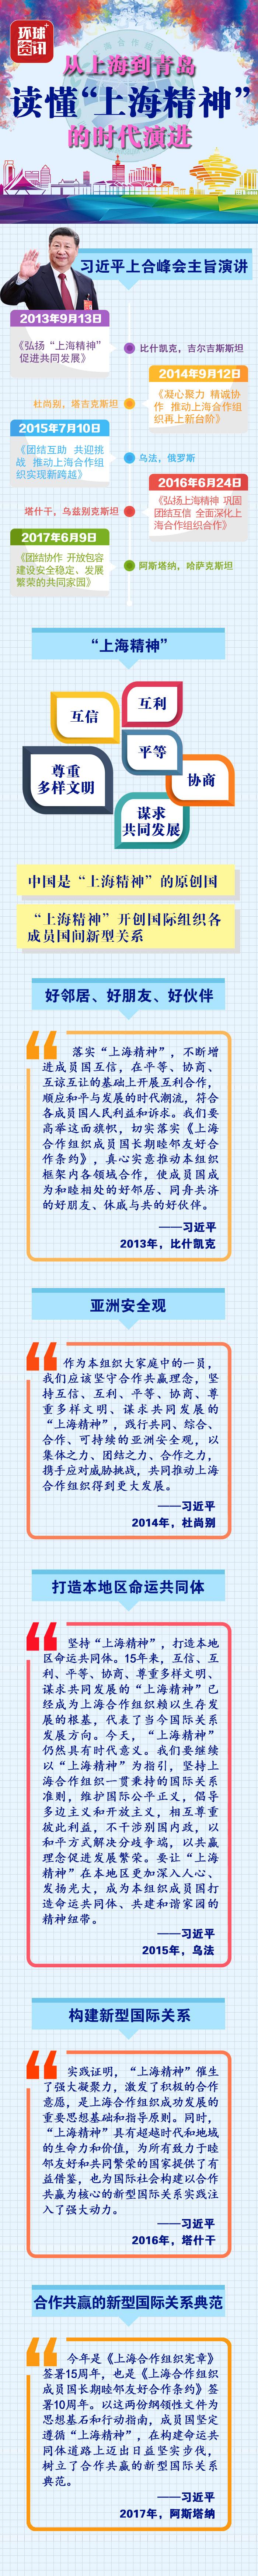 """【图解】从上海到青岛,读懂""""上海精神""""的时代演进"""